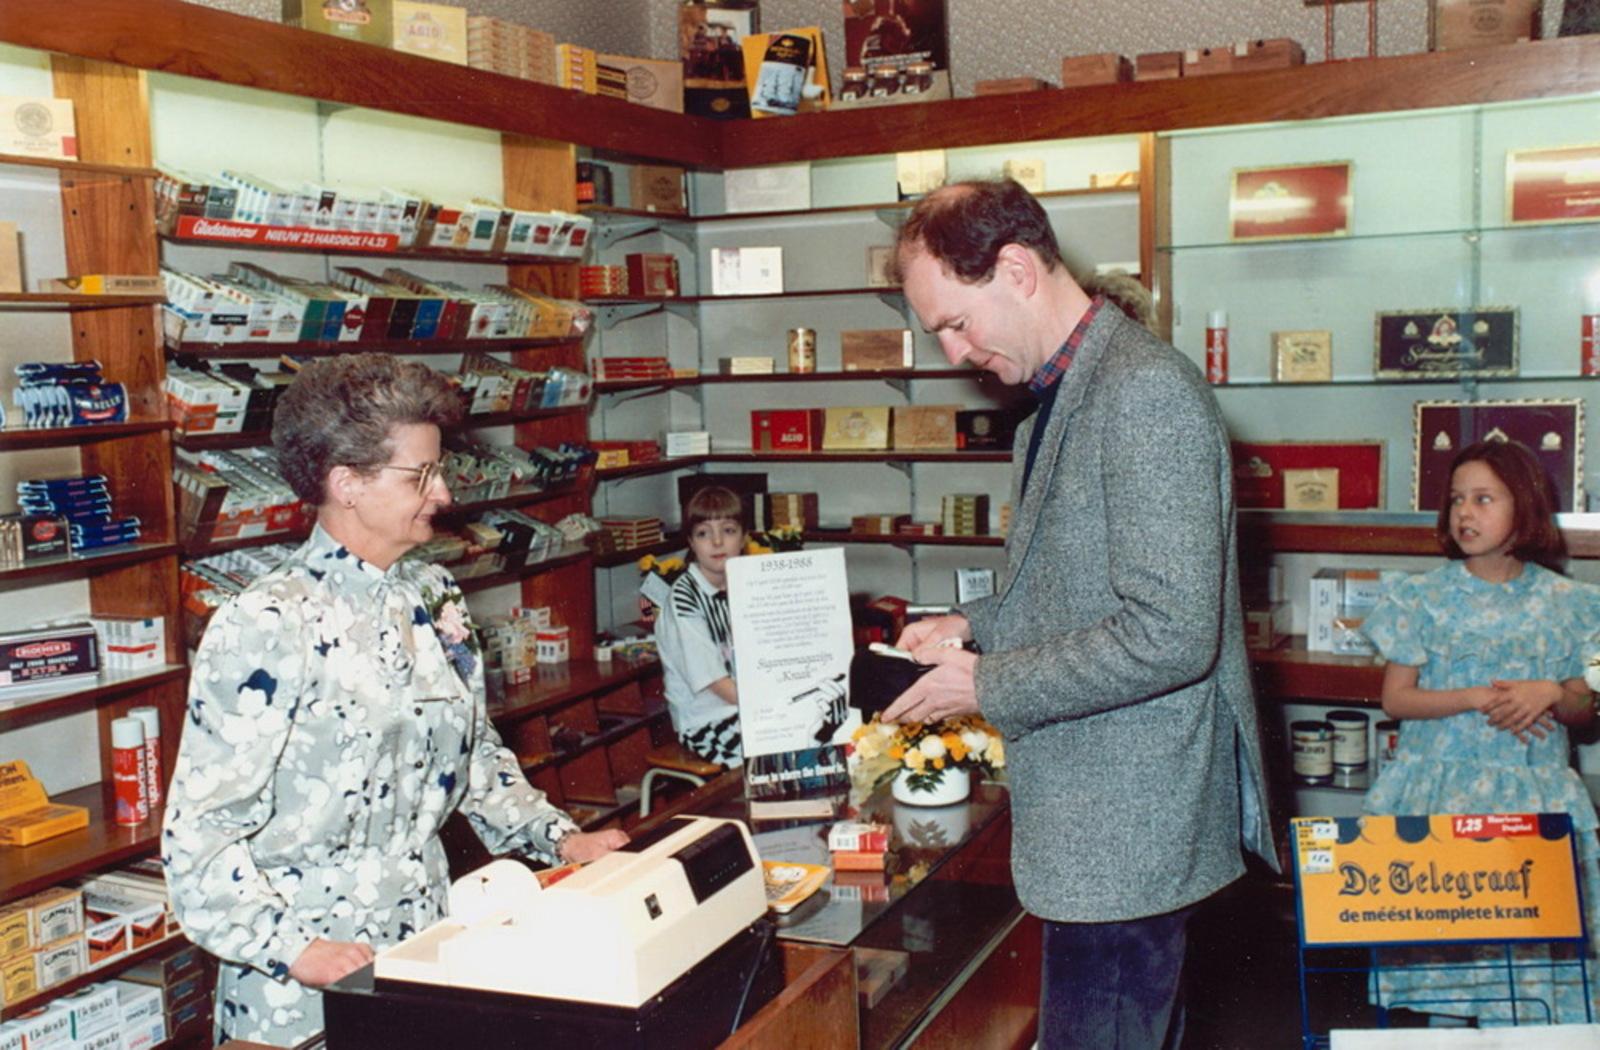 Marktlaan O 0022 1988 Sigarenboer Kraak 50jr Jub en Sluiting 14